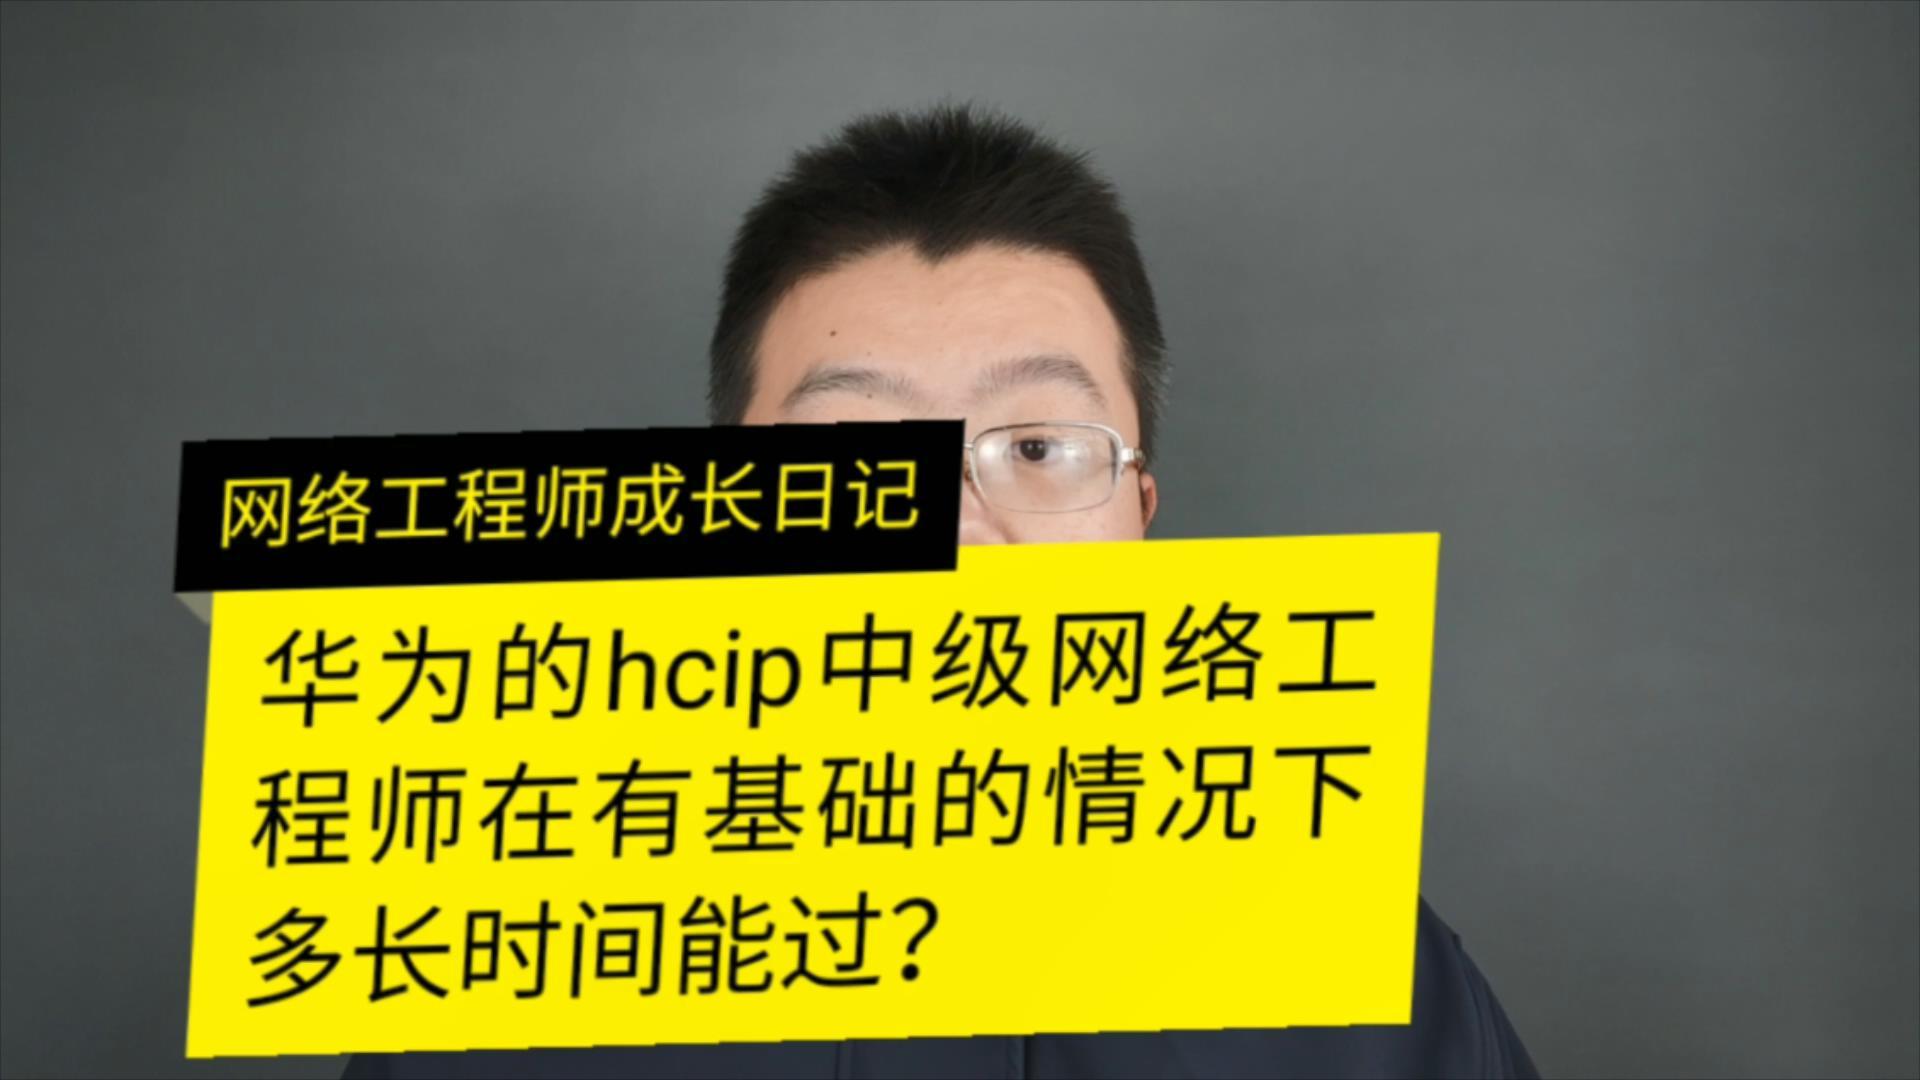 零基础可以学hciP吗? - 6